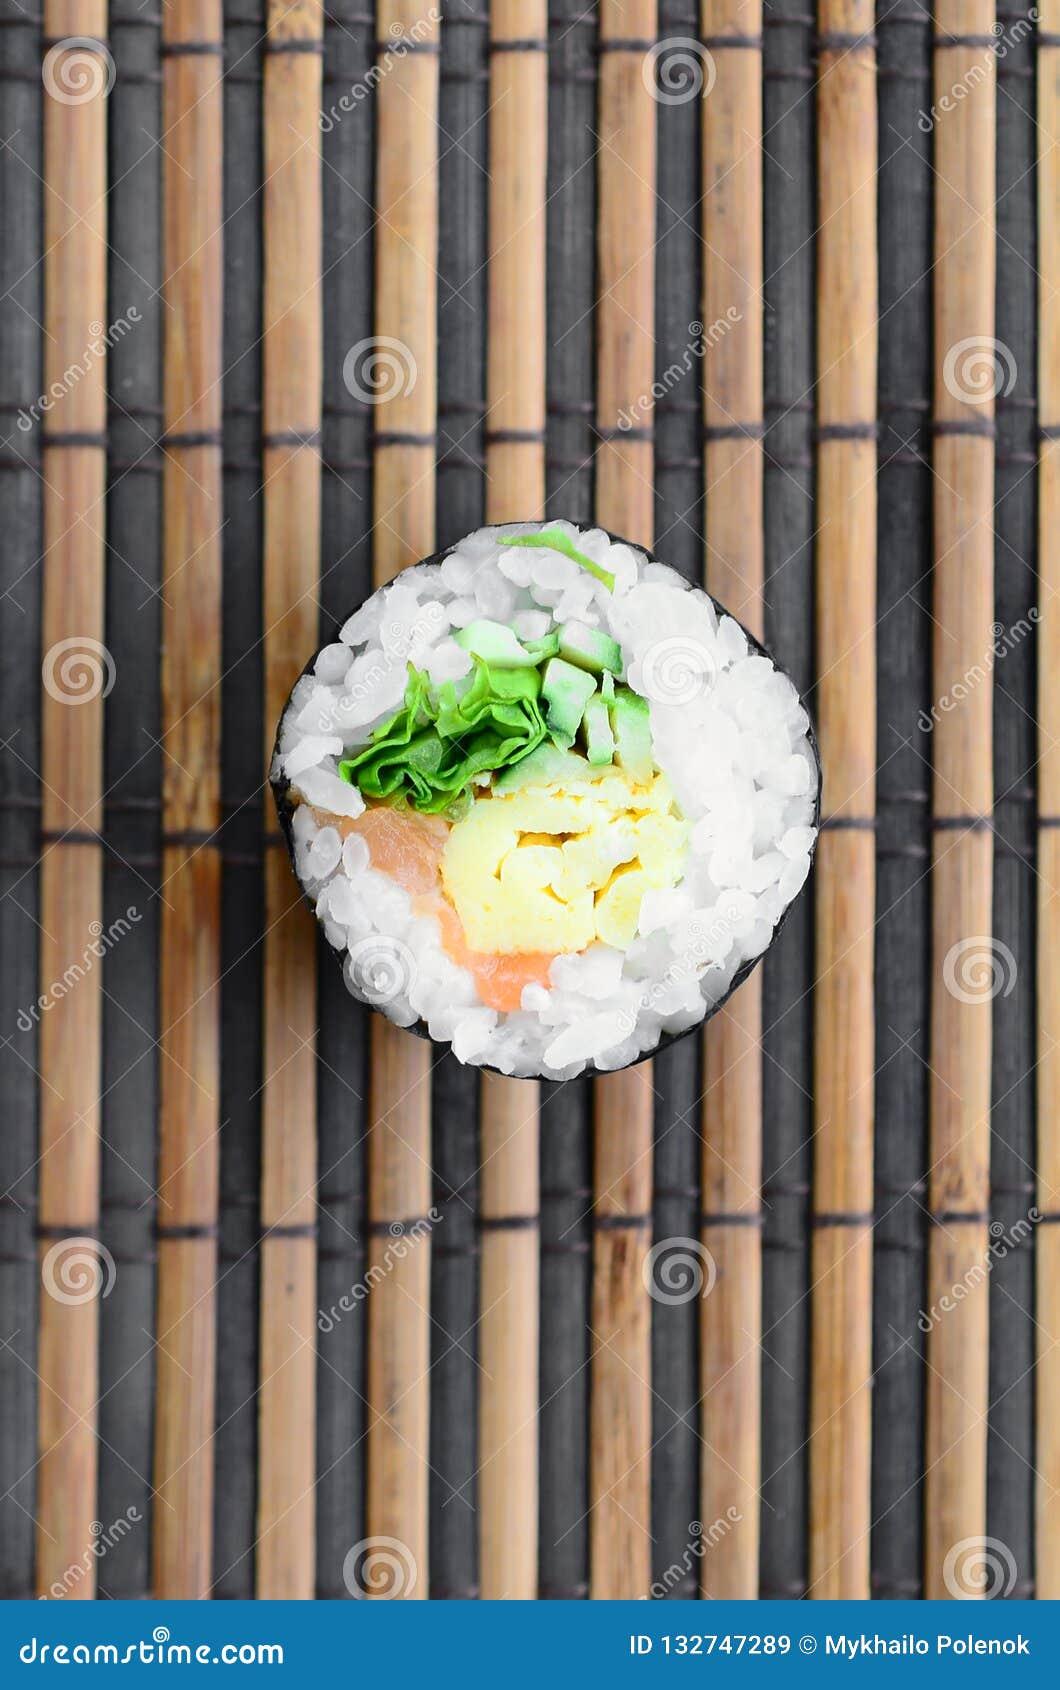 在一张竹秸杆serwing的席子的寿司卷谎言 亚洲食物炒饭传统蔬菜 顶视图 与拷贝空间的平的被放置的简单派射击